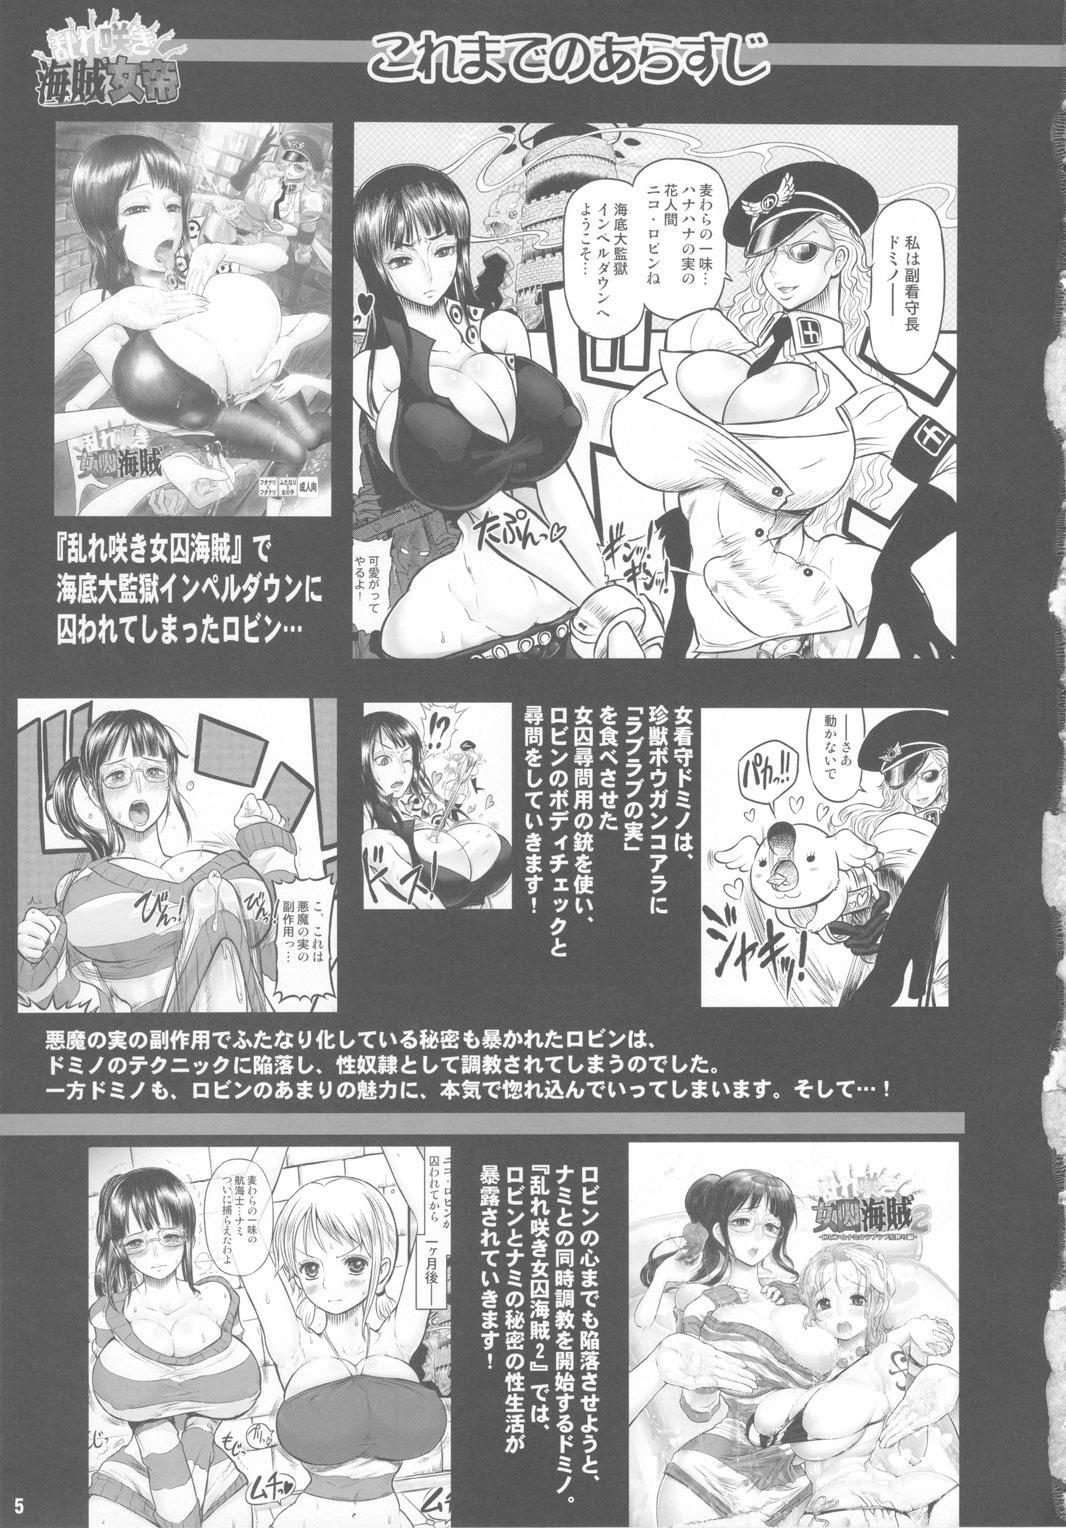 Midarezaki Kaizoku Jotei 3